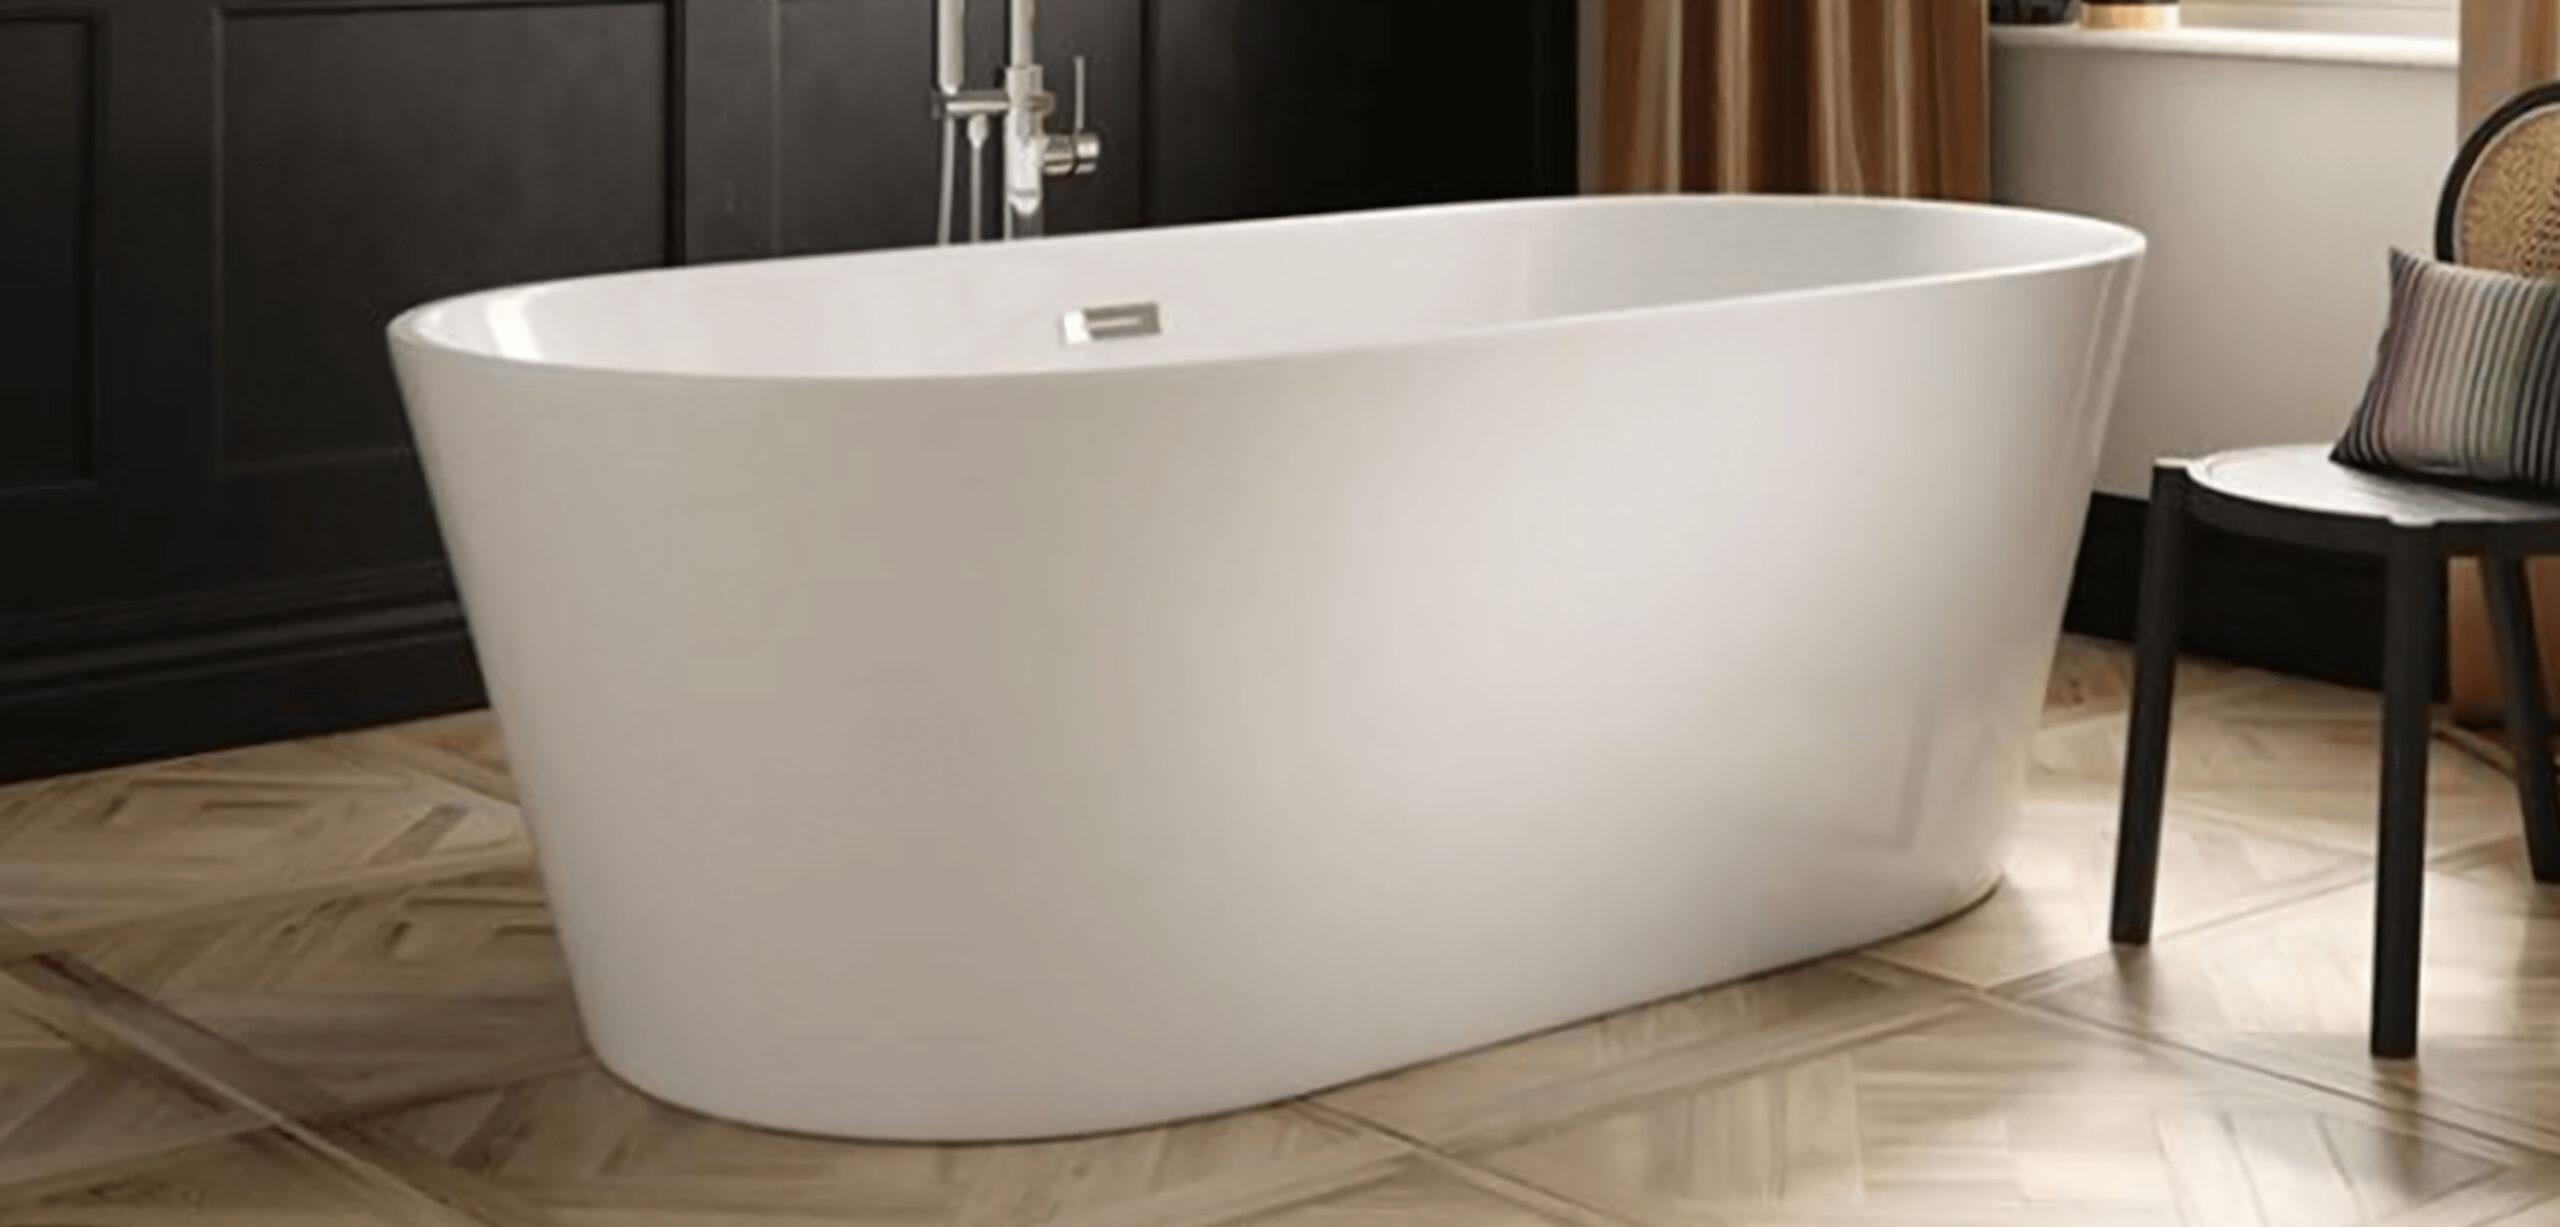 Metal Baths vs Acrylic Baths